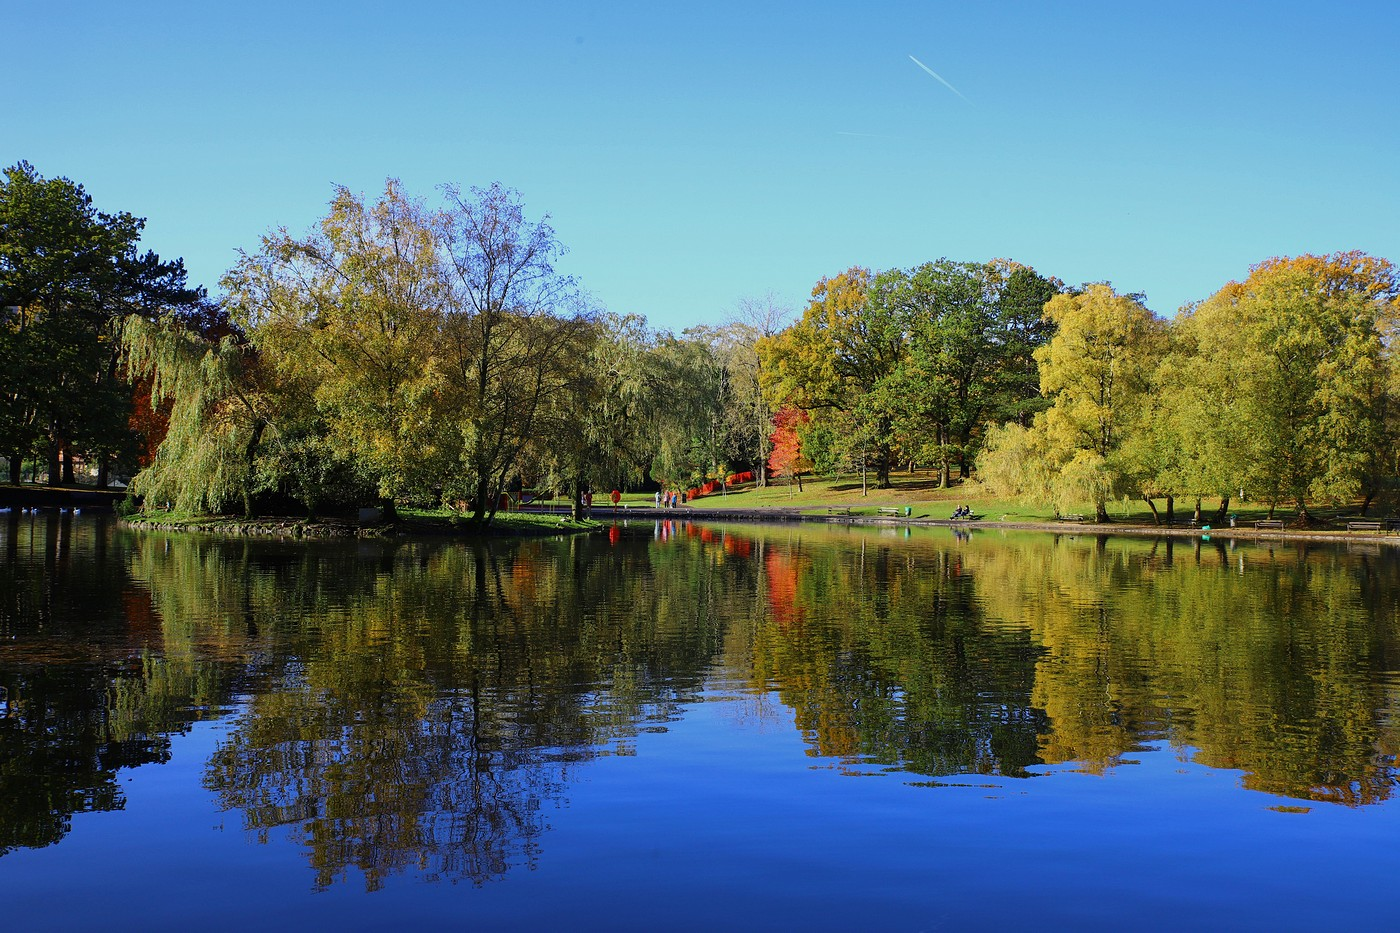 lake-by-wendy-donovan